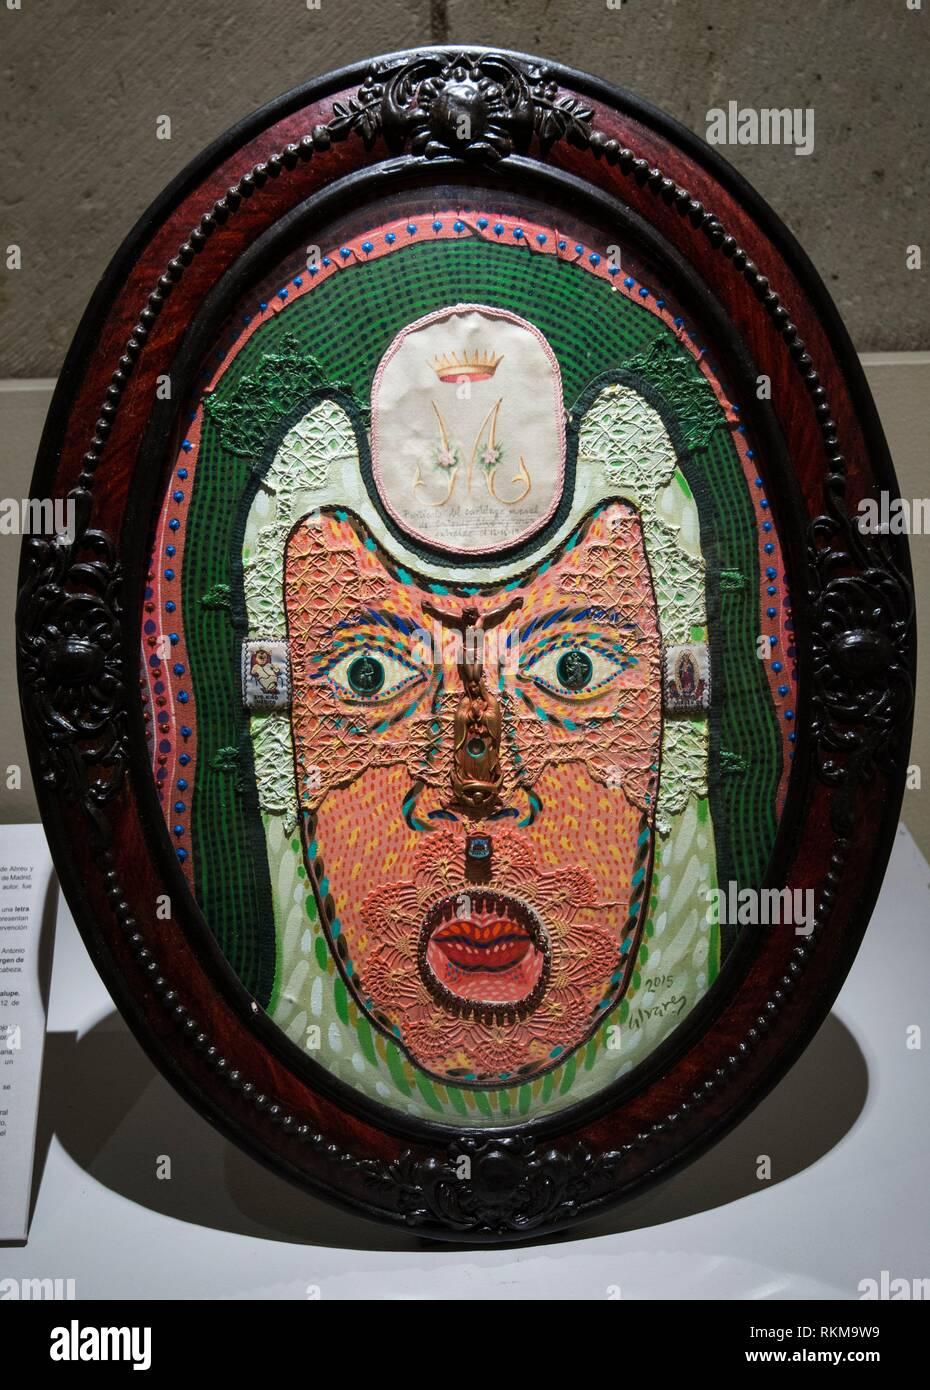 Arte por Antonio Alvarez Moran, en la exposición, Engano Colorido, contemporáneo de retratos de monjas, Museo de la iglesia y el ex convento de Santo Imagen De Stock